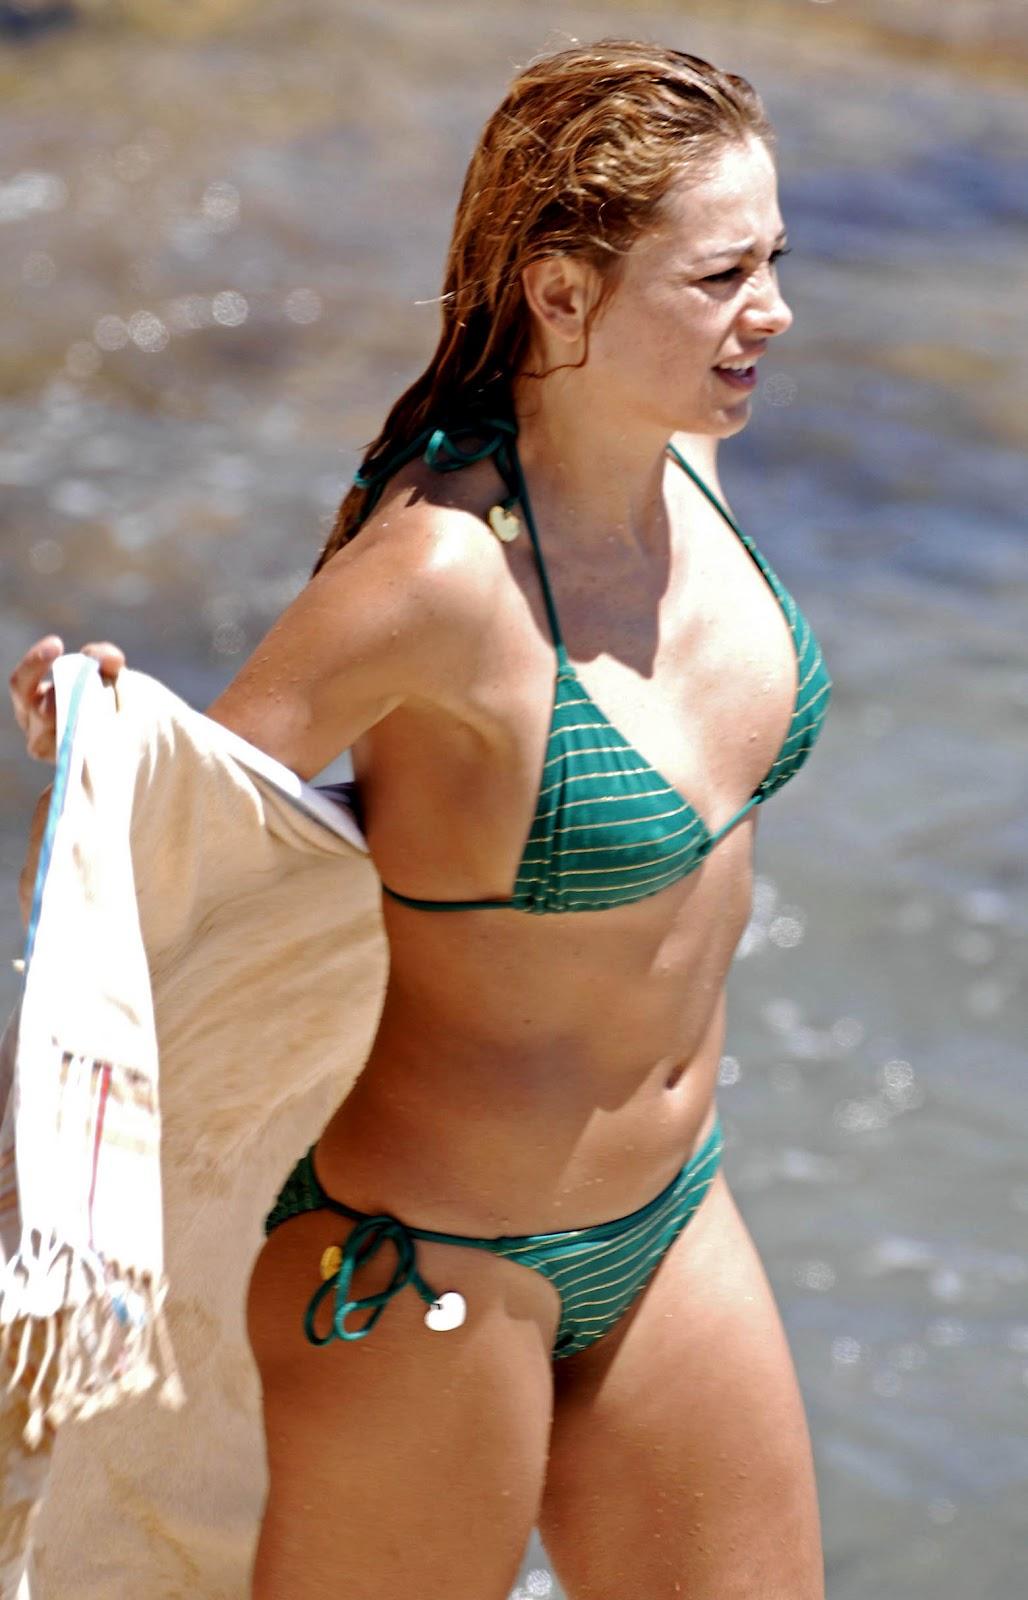 Michelle hunziker miami beach 2012